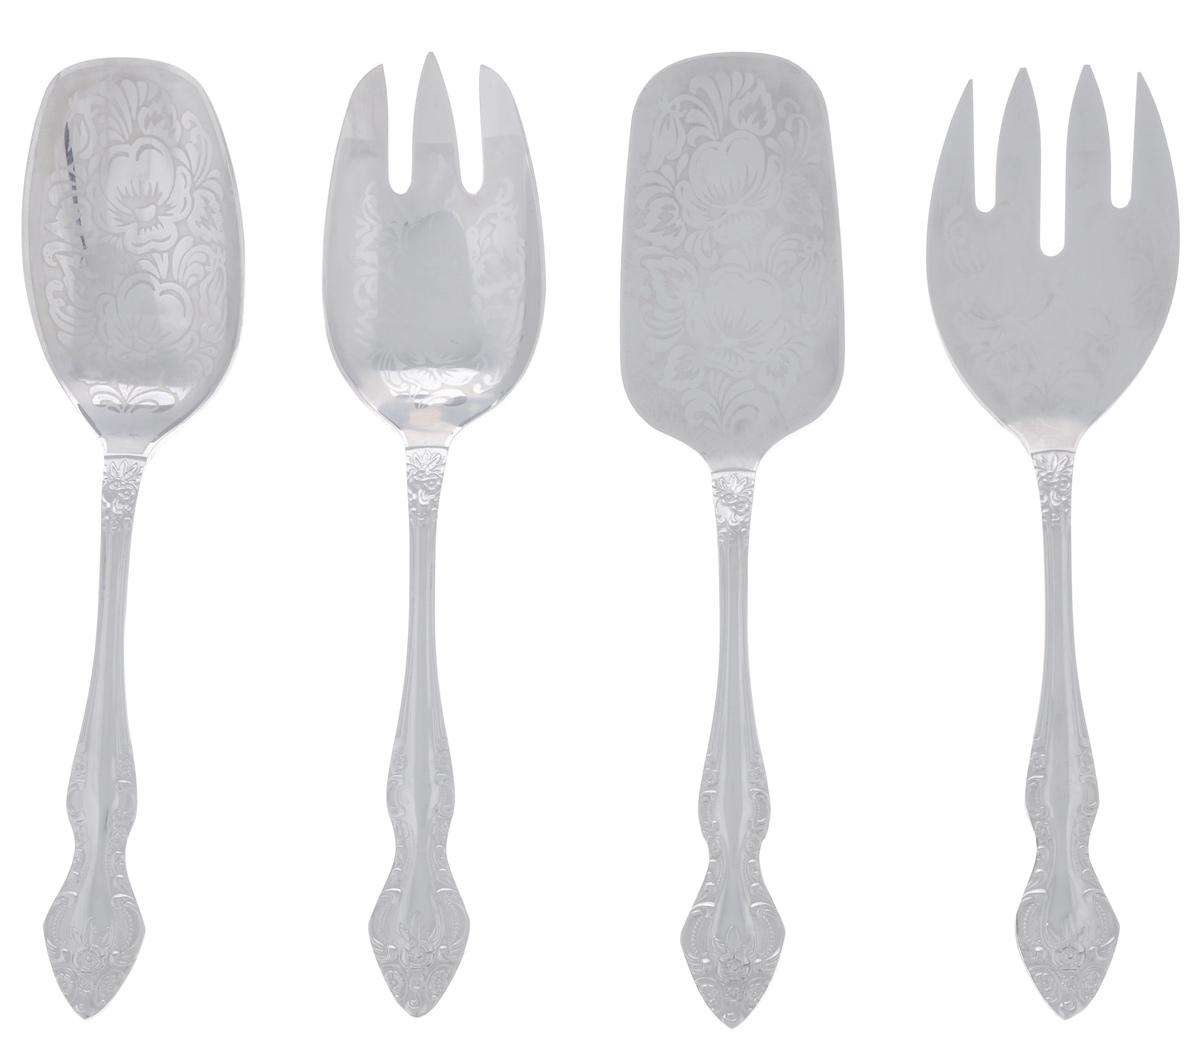 """Набор столовых приборов """"Тройка"""" изготовлен из высококачественной нержавеющей стали. Он станет незаменимым помощником на кухне и за праздничным столом. В набор входят самые необходимые кухонные аксессуары: вилка для раскладки рыбы, вилка для салата, ложка для салата и лопатка для пирожного. Ручки изделий оснащены рельефным рисунком, а рабочая поверхность изделий украшена художественной росписью.Можно использовать в посудомоечной машине. Длина вилки для рыбы: 21,5 см.Размер рабочей поверхности вилки для рыбы: 7 см х 5,5 см.Длина вилки для салата: 21,5 см.Размер рабочей поверхности вилки для салата: 7,5 см х 5 см.Длина ложки: 31 см.Размер рабочей поверхности ложки: 9 см х 7 см.Длина ложки для салата: 21,5 см.Размер рабочей поверхности ложки для салата: 7 см х 5 см.Длина лопатки для пирожного: 22 см.Размер рабочей поверхности лопатки для пирожного: 8 см х 5 см."""